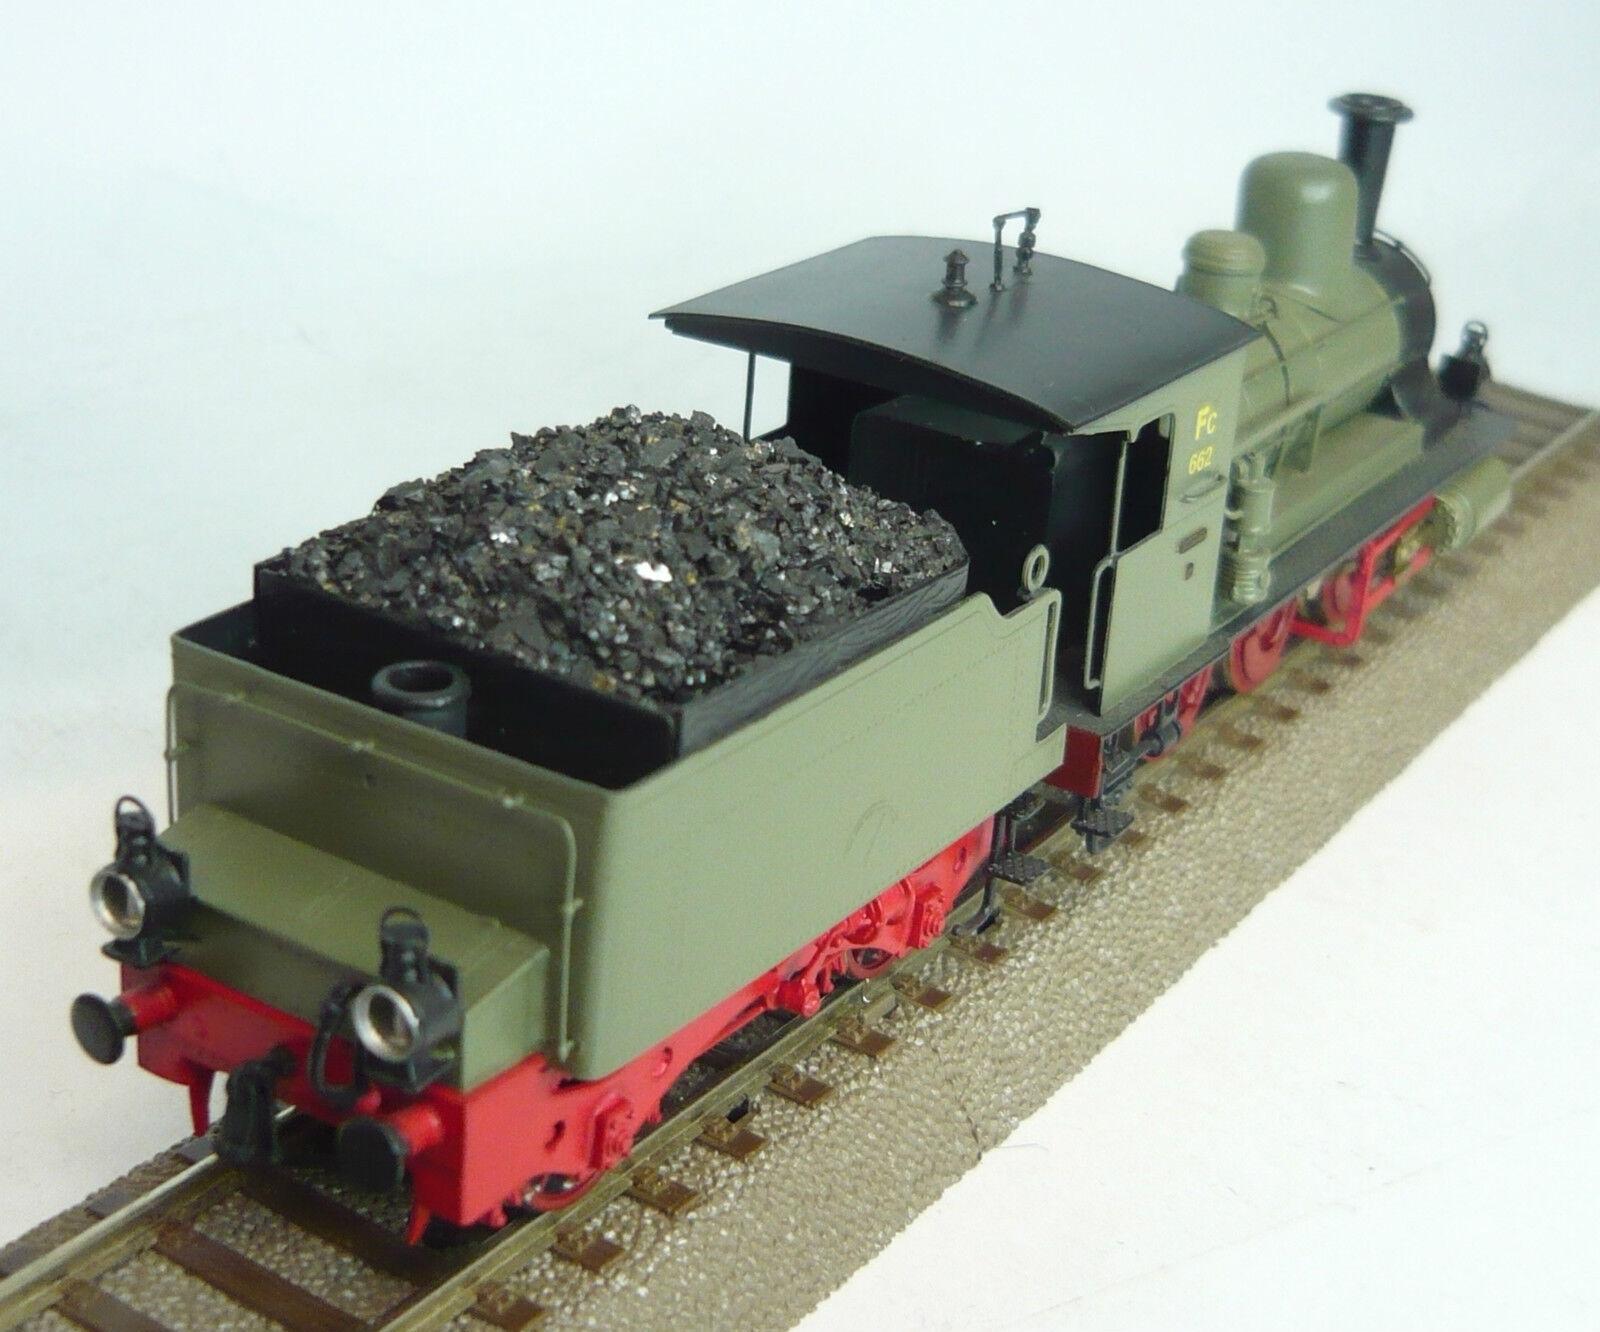 Intermodel 87052 Güterzugdampflok  662 wü wü wü Fc der K.Wü.Sts.B.  NEU & in OVP  | Zuverlässige Leistung  b447bd